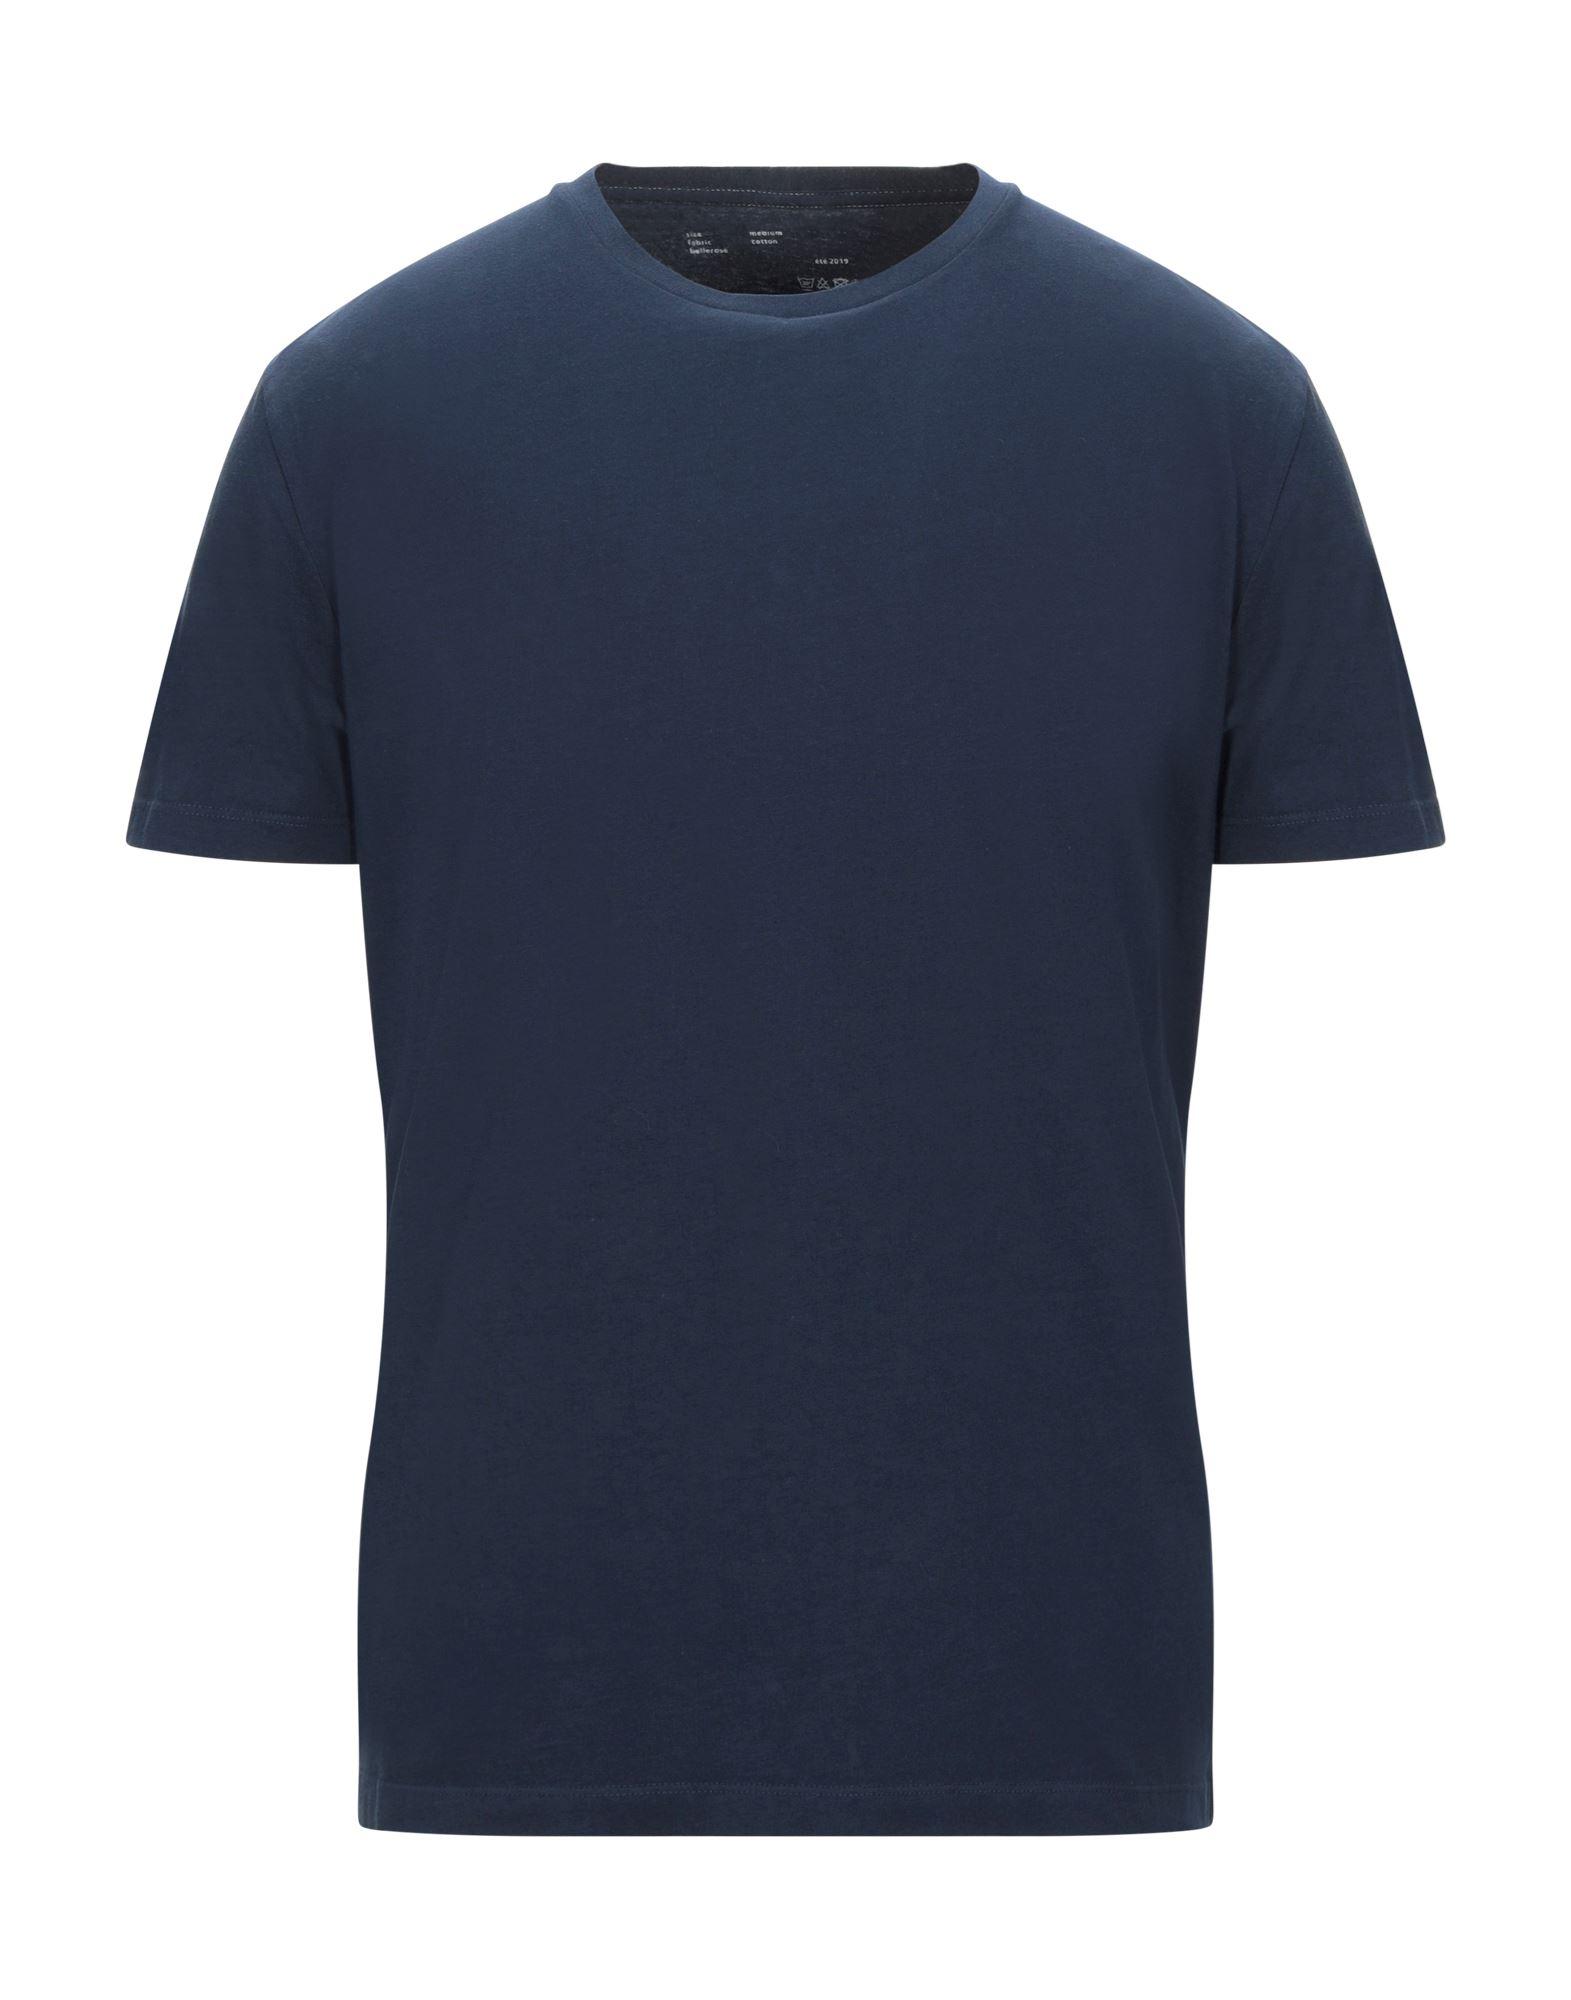 Фото - BELLEROSE Футболка bellerose pубашка